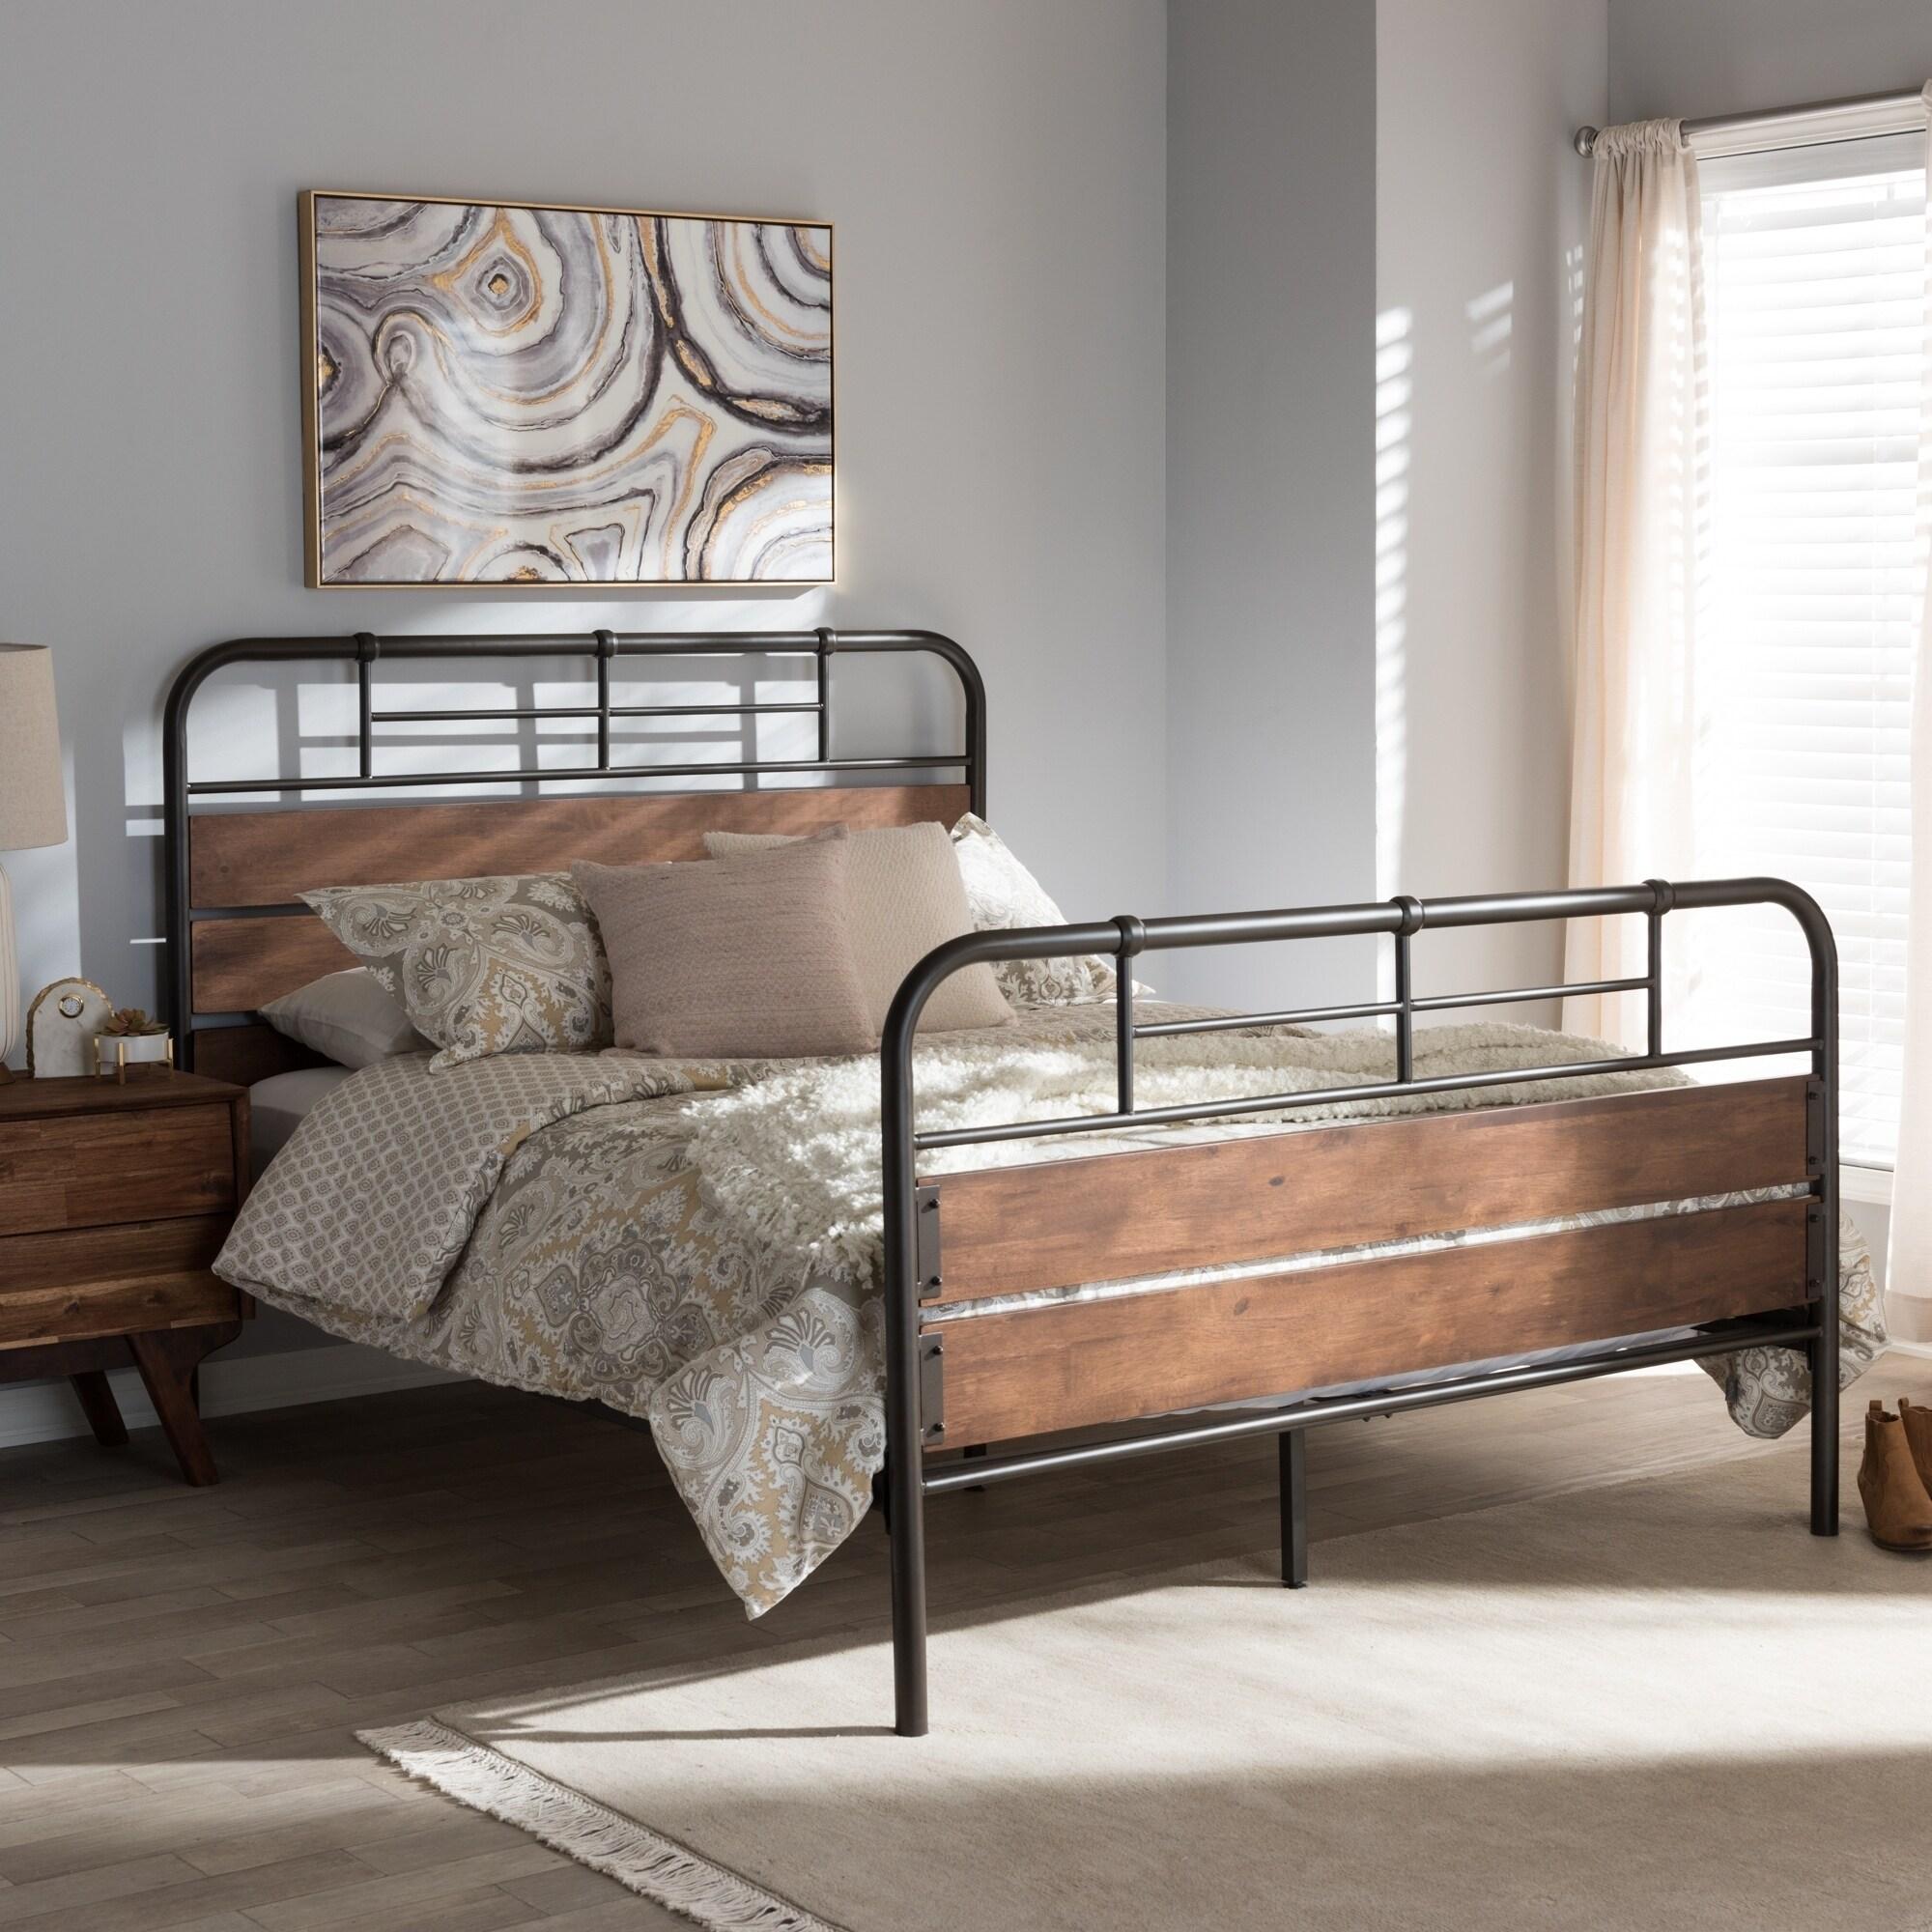 Industrial Black Metal and Brown Wood Platform Bed by Baxton Studio